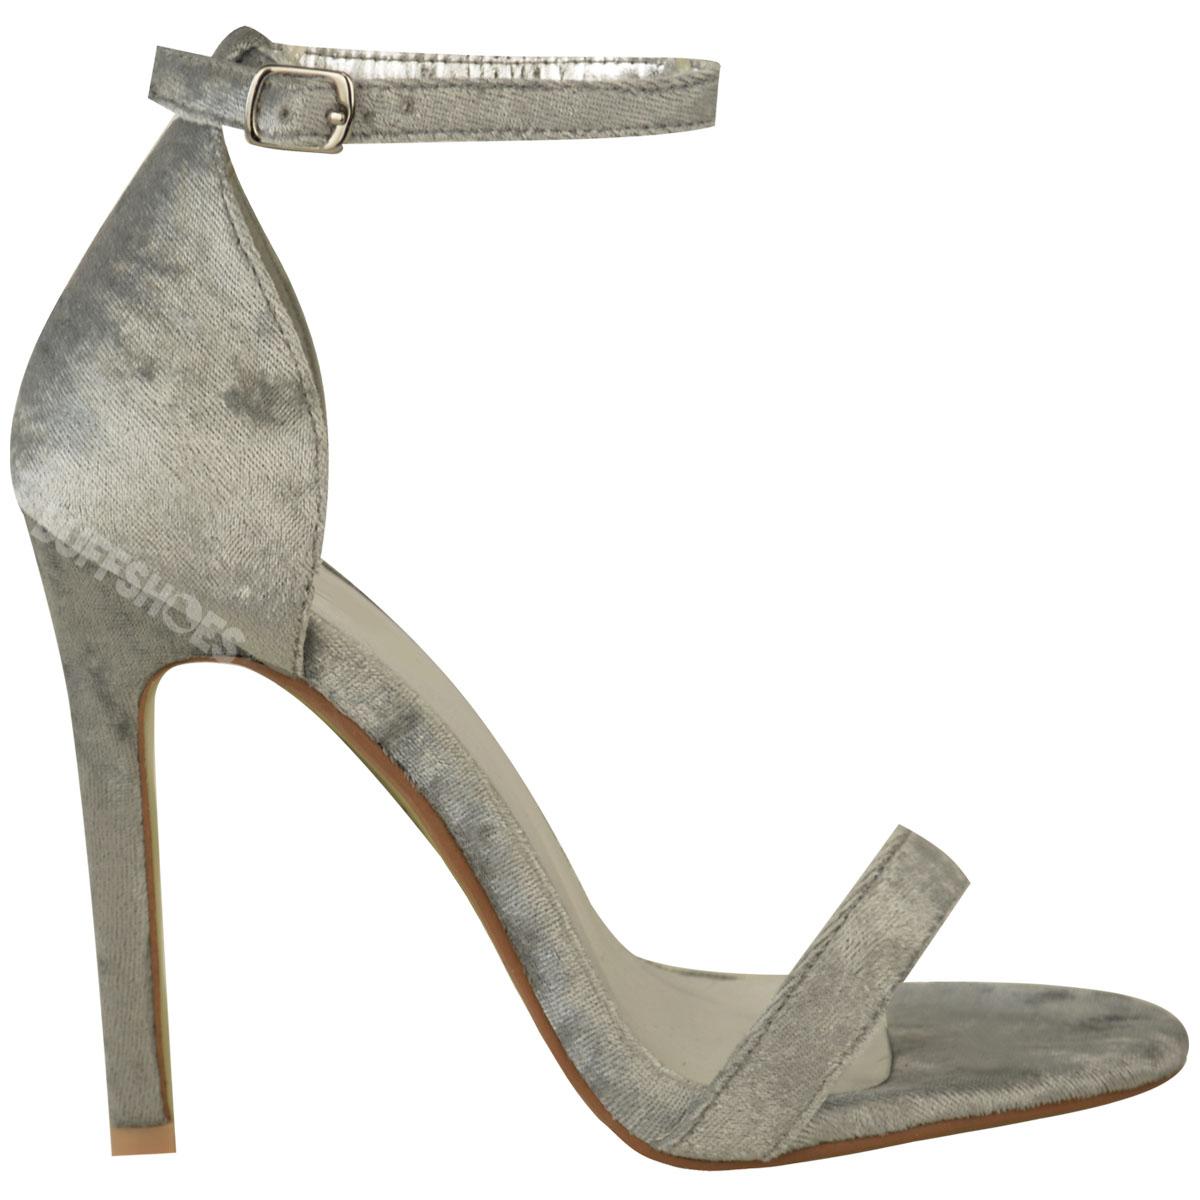 Femme-femmes-barely-there-talon-haut-fete-velours-sandales-bride-cheville-chaussures